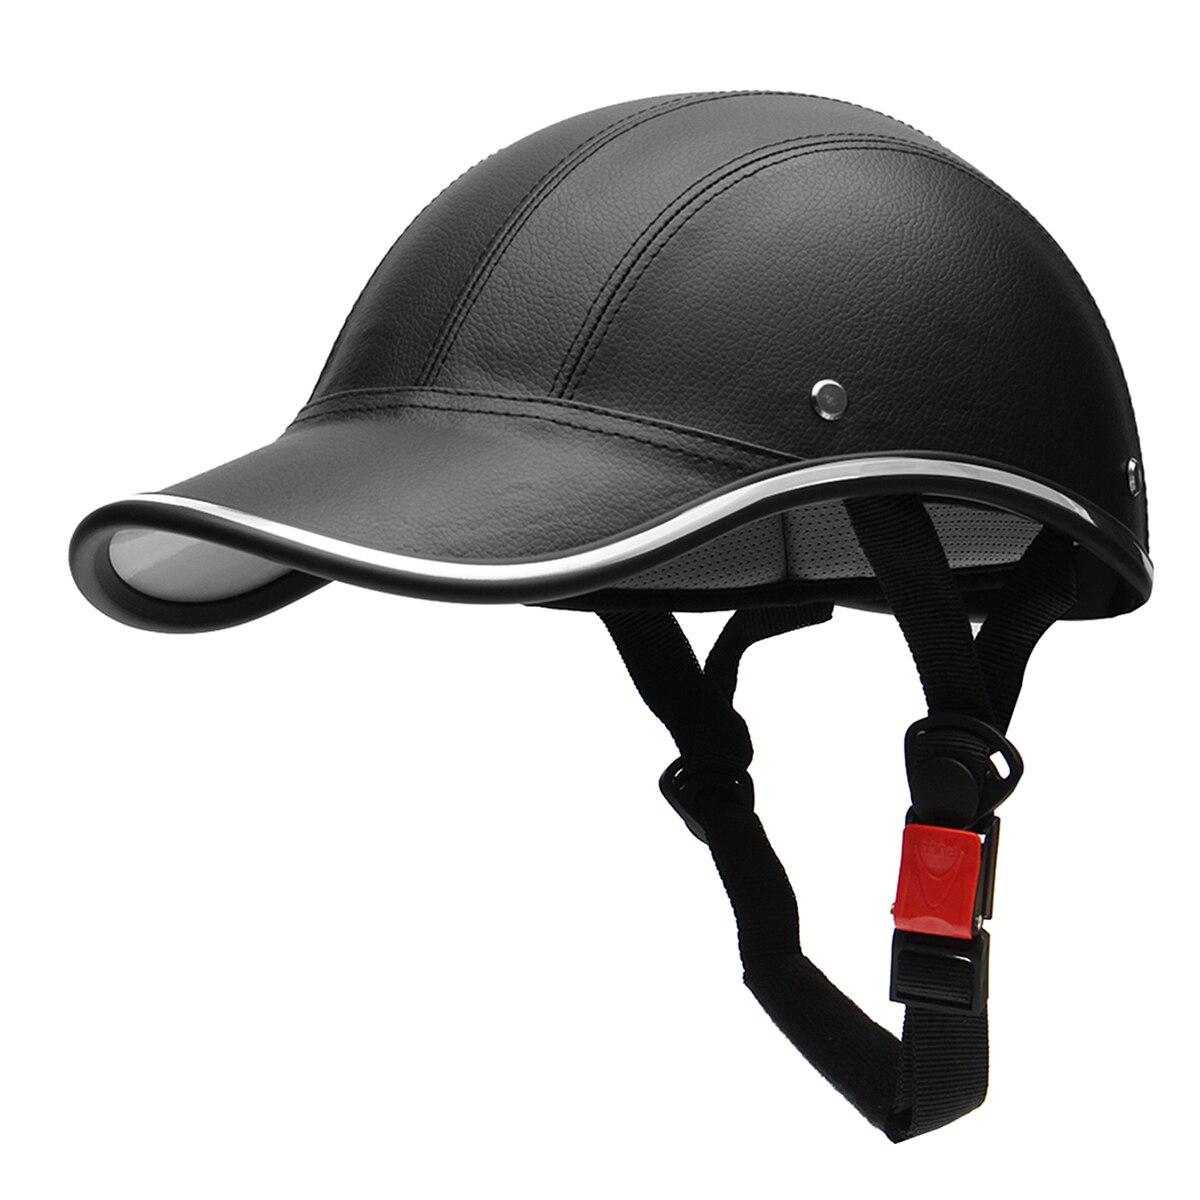 Motocicleta medio casco gorra de béisbol StyleHalf cara casco bicicleta eléctrica Scooter Anti-UV seguridad casco duro